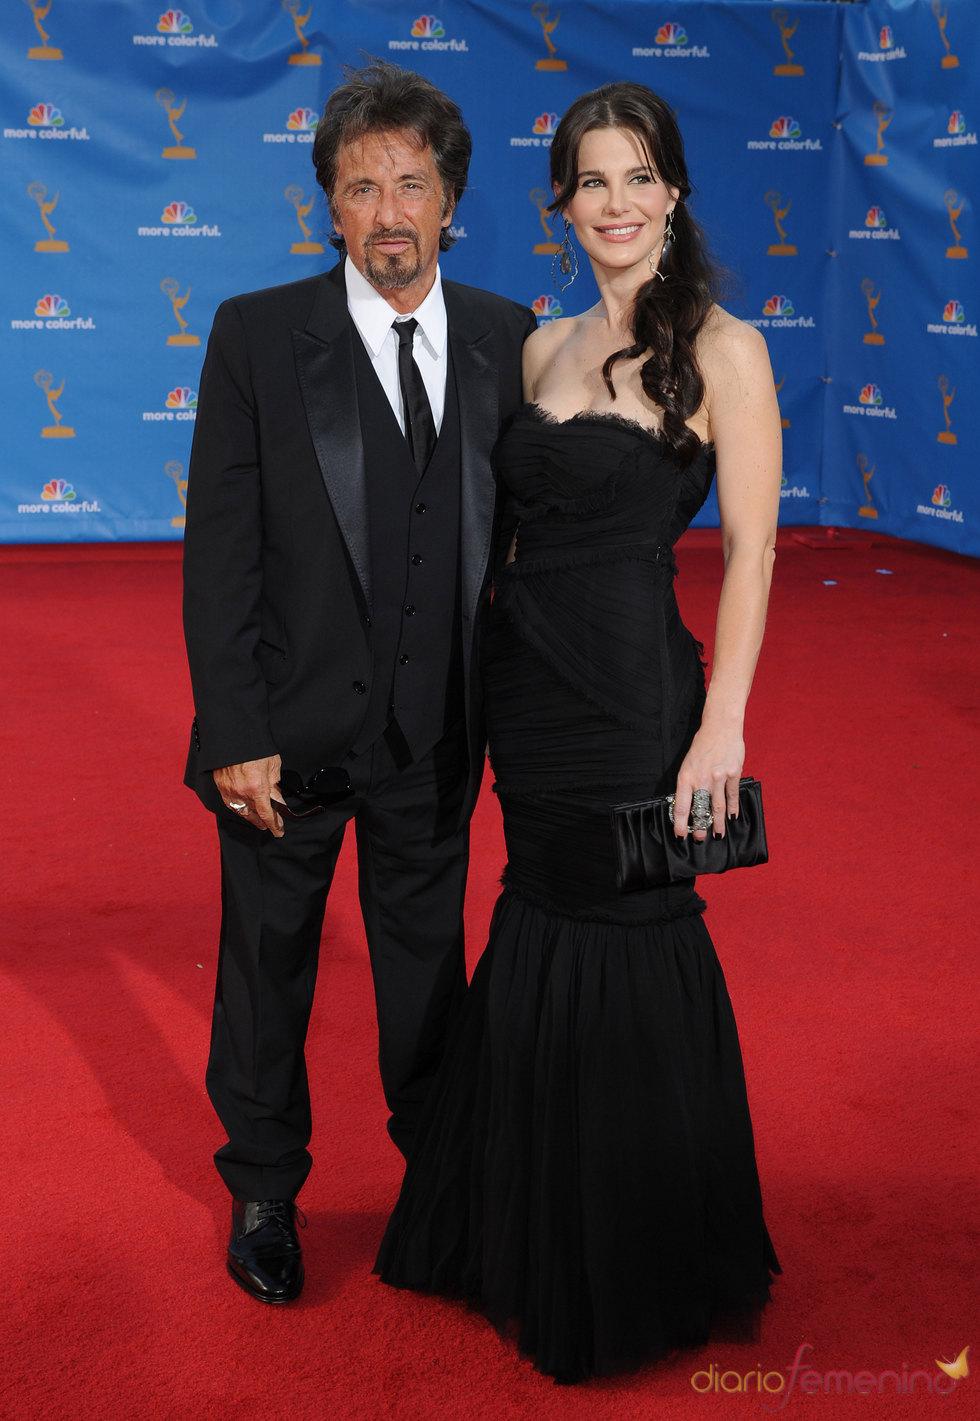 Al Pacino y Lucila Sola en los Premios Emmy 2010